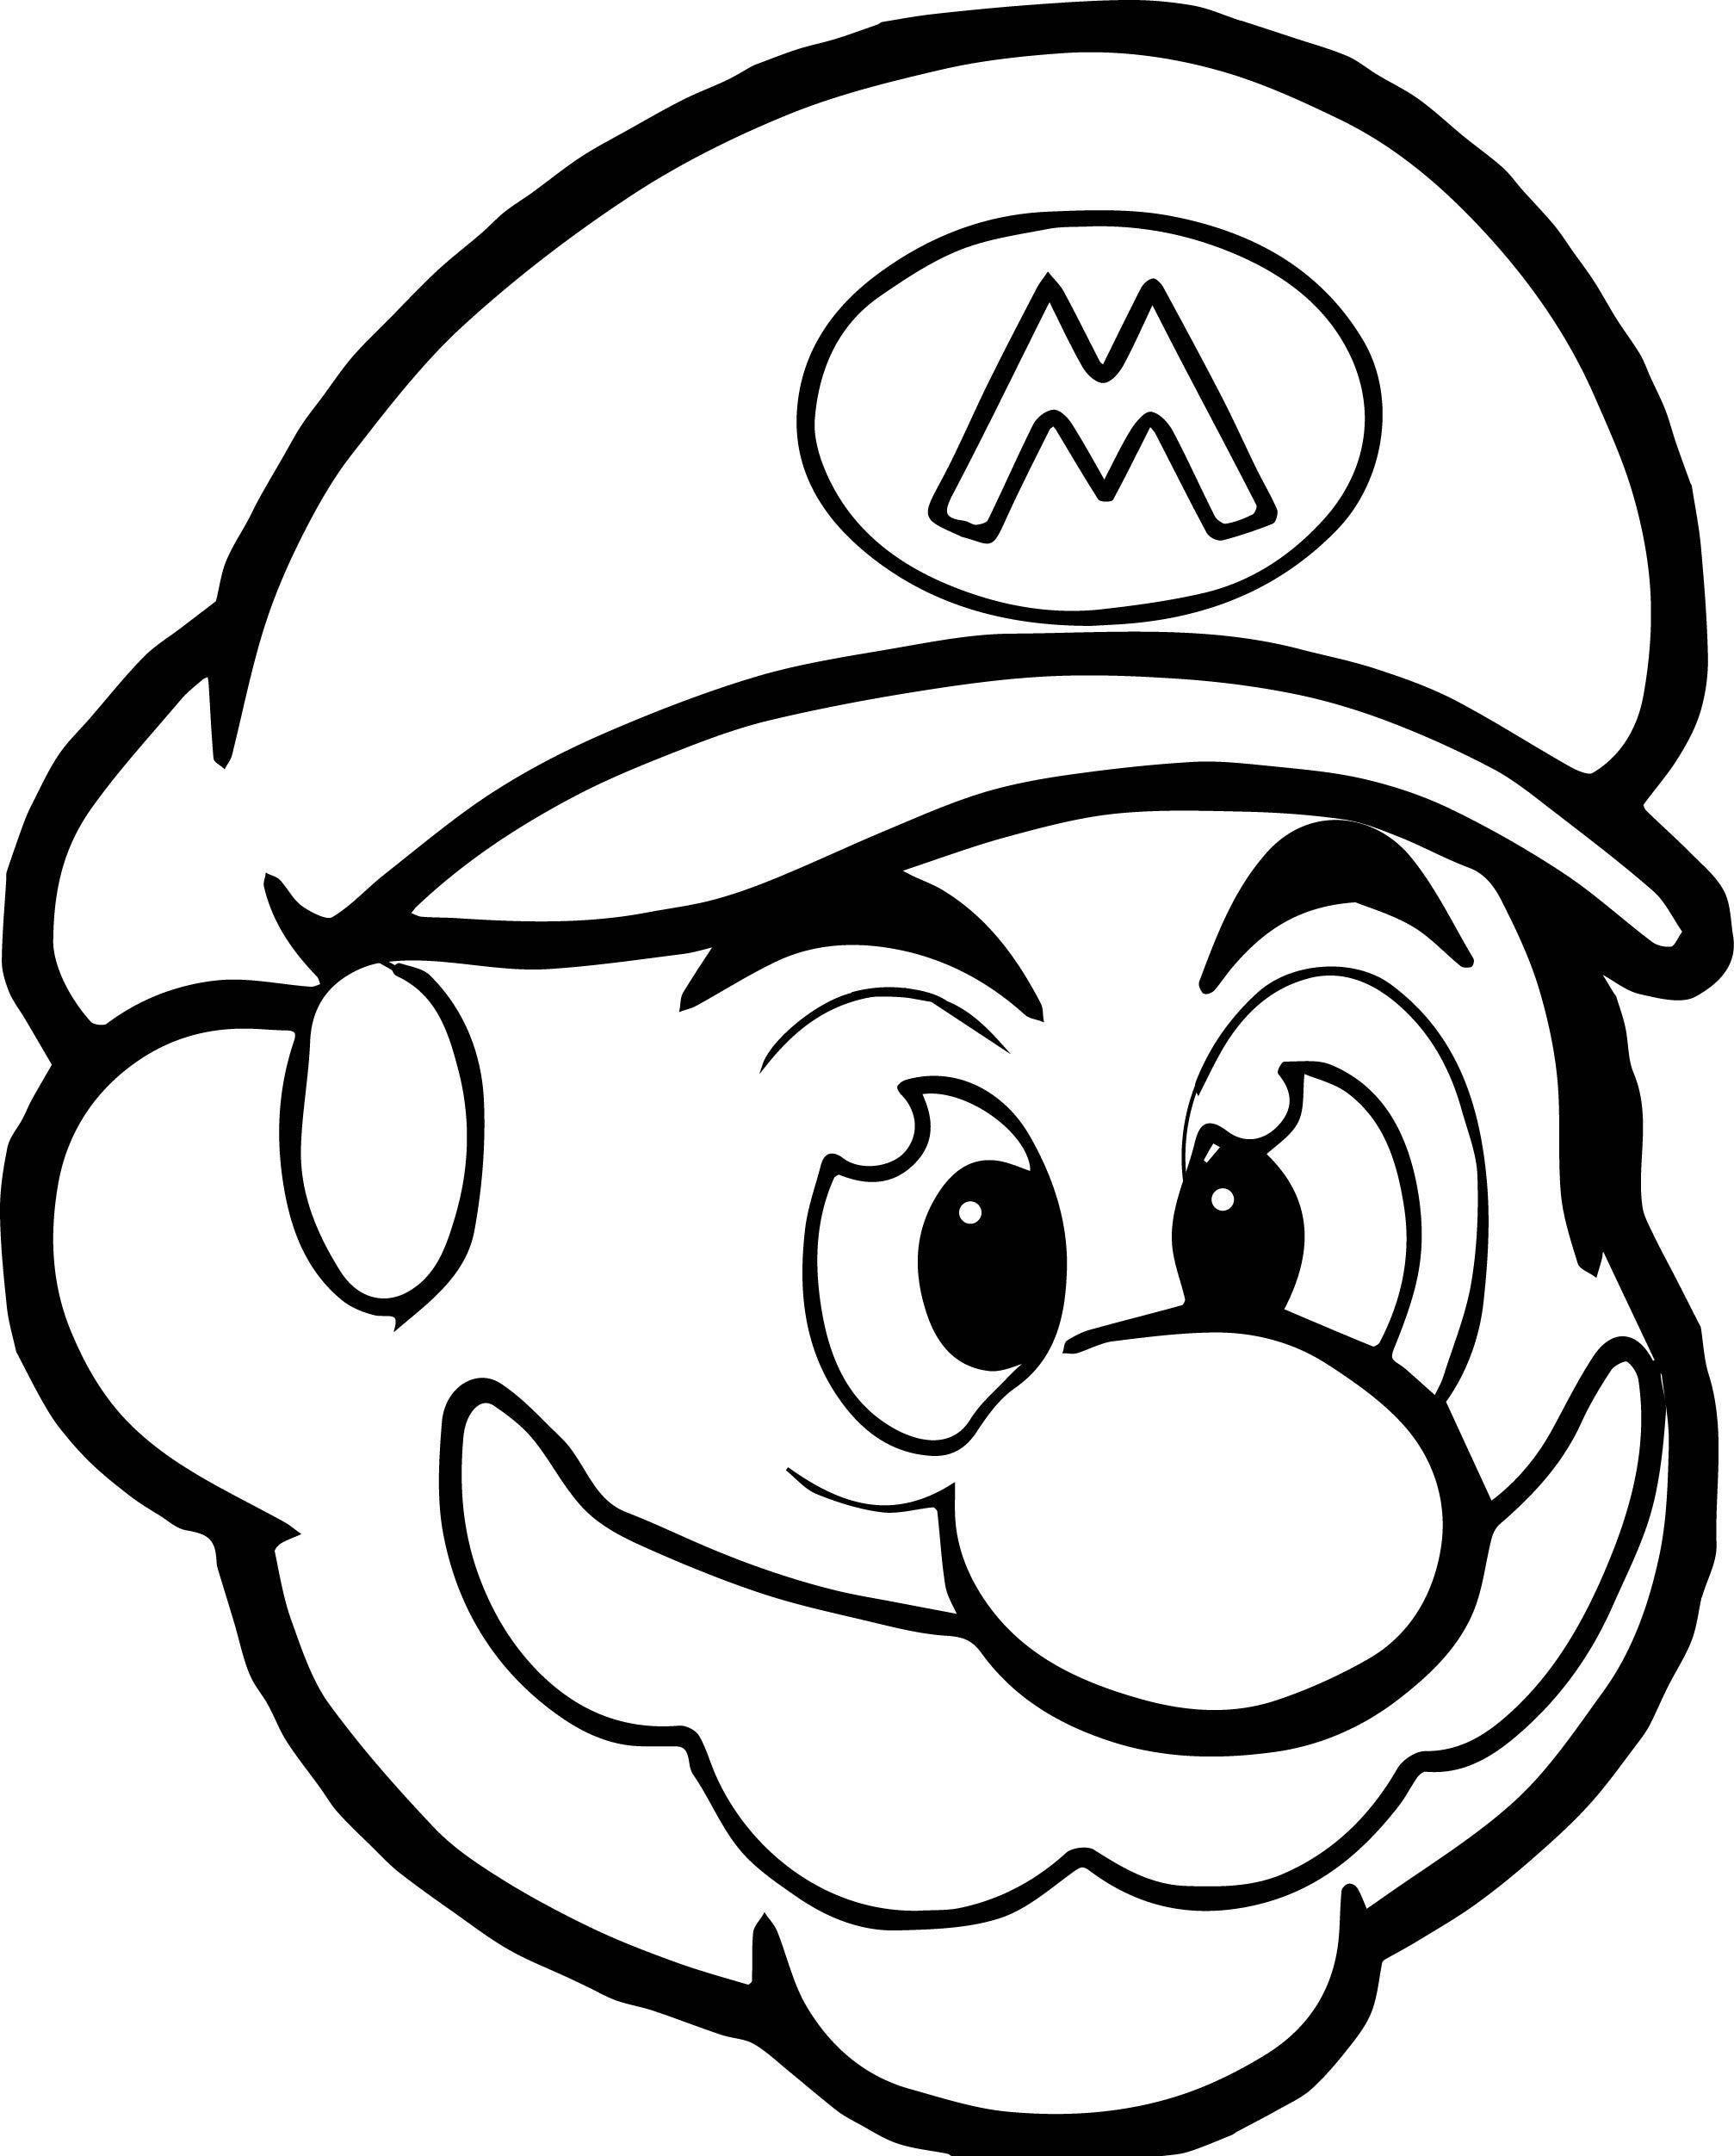 Mario Coloring Pages | Mario coloring pages, Super mario ...